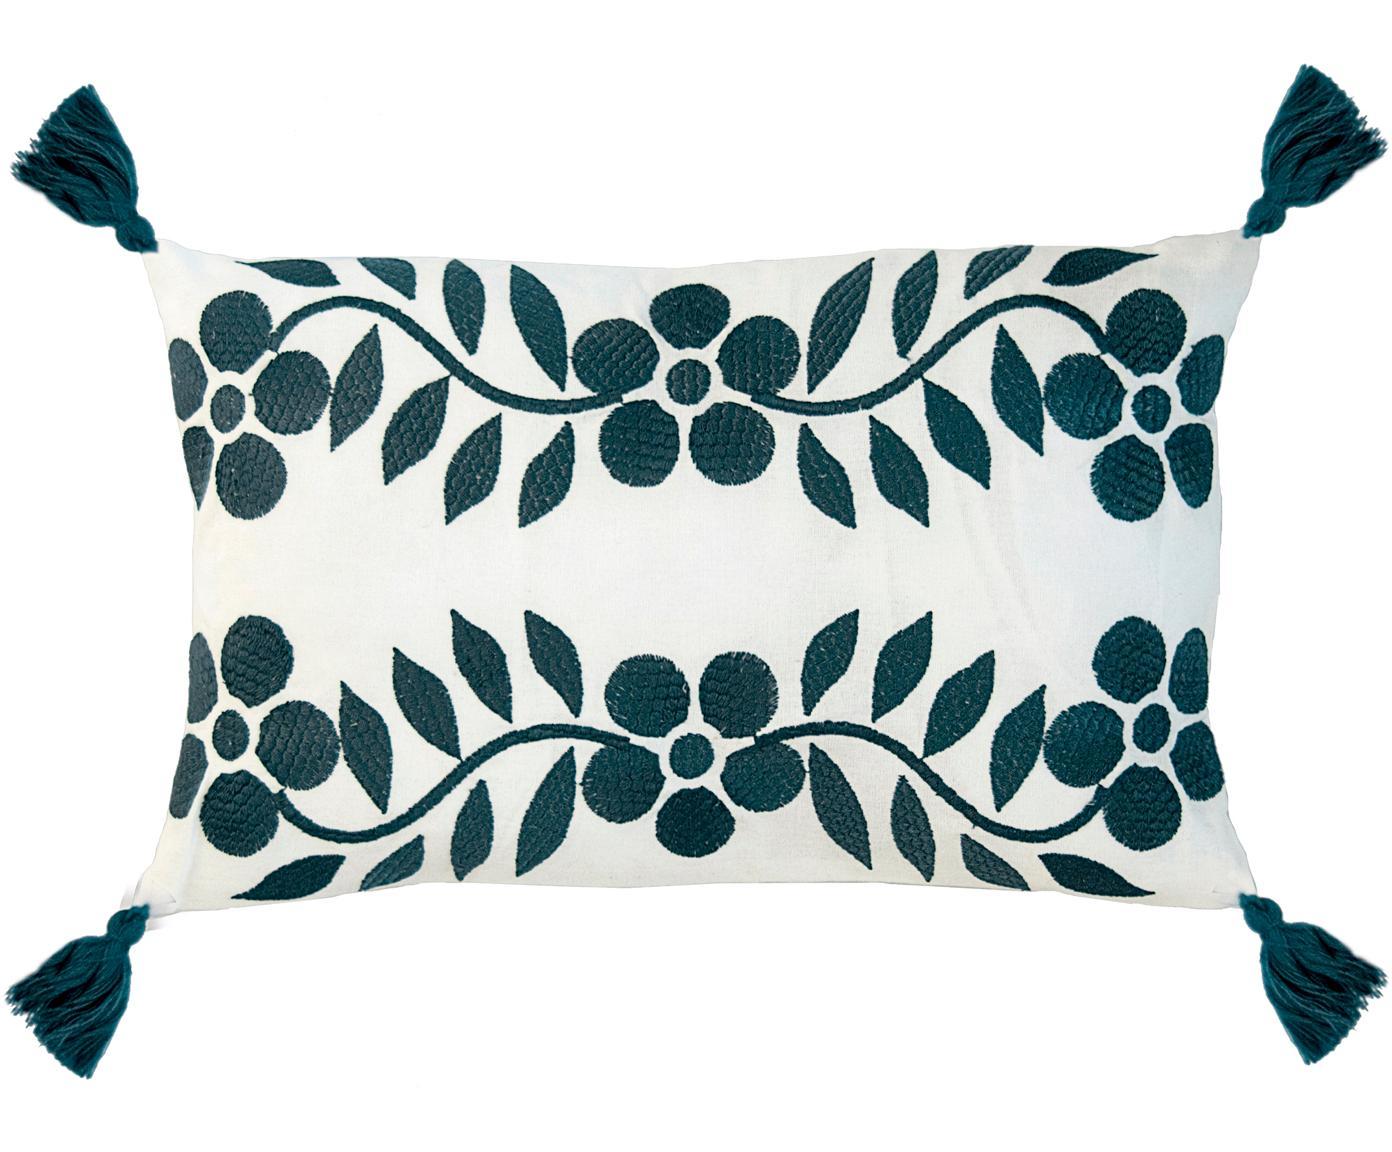 Kussenhoes Matisse met bloemen borduurwerk en kwastjes, Katoen, Wit, marineblauw, 30 x 50 cm